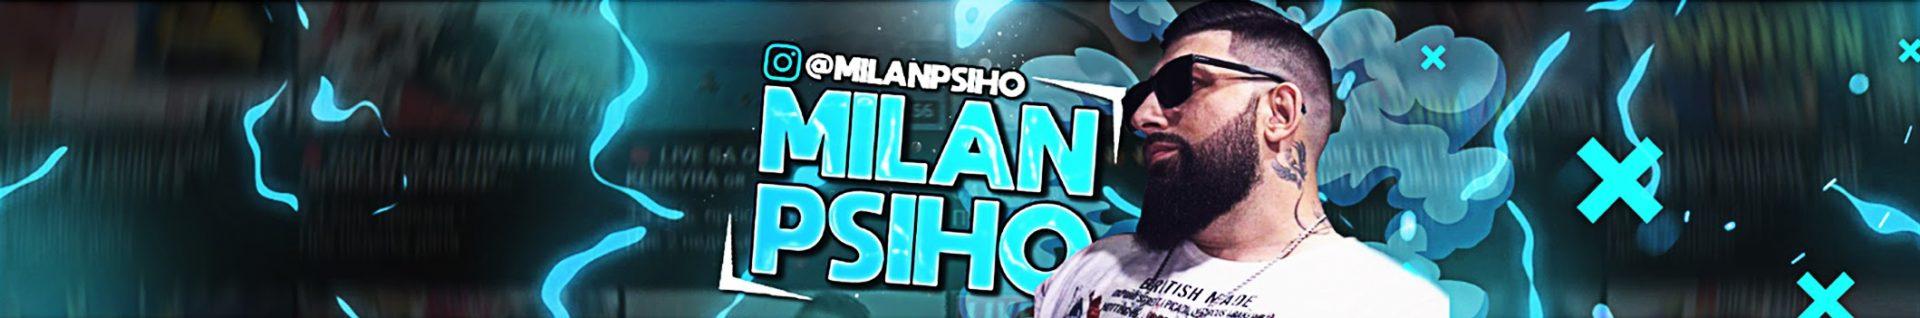 MILAN PSIHO